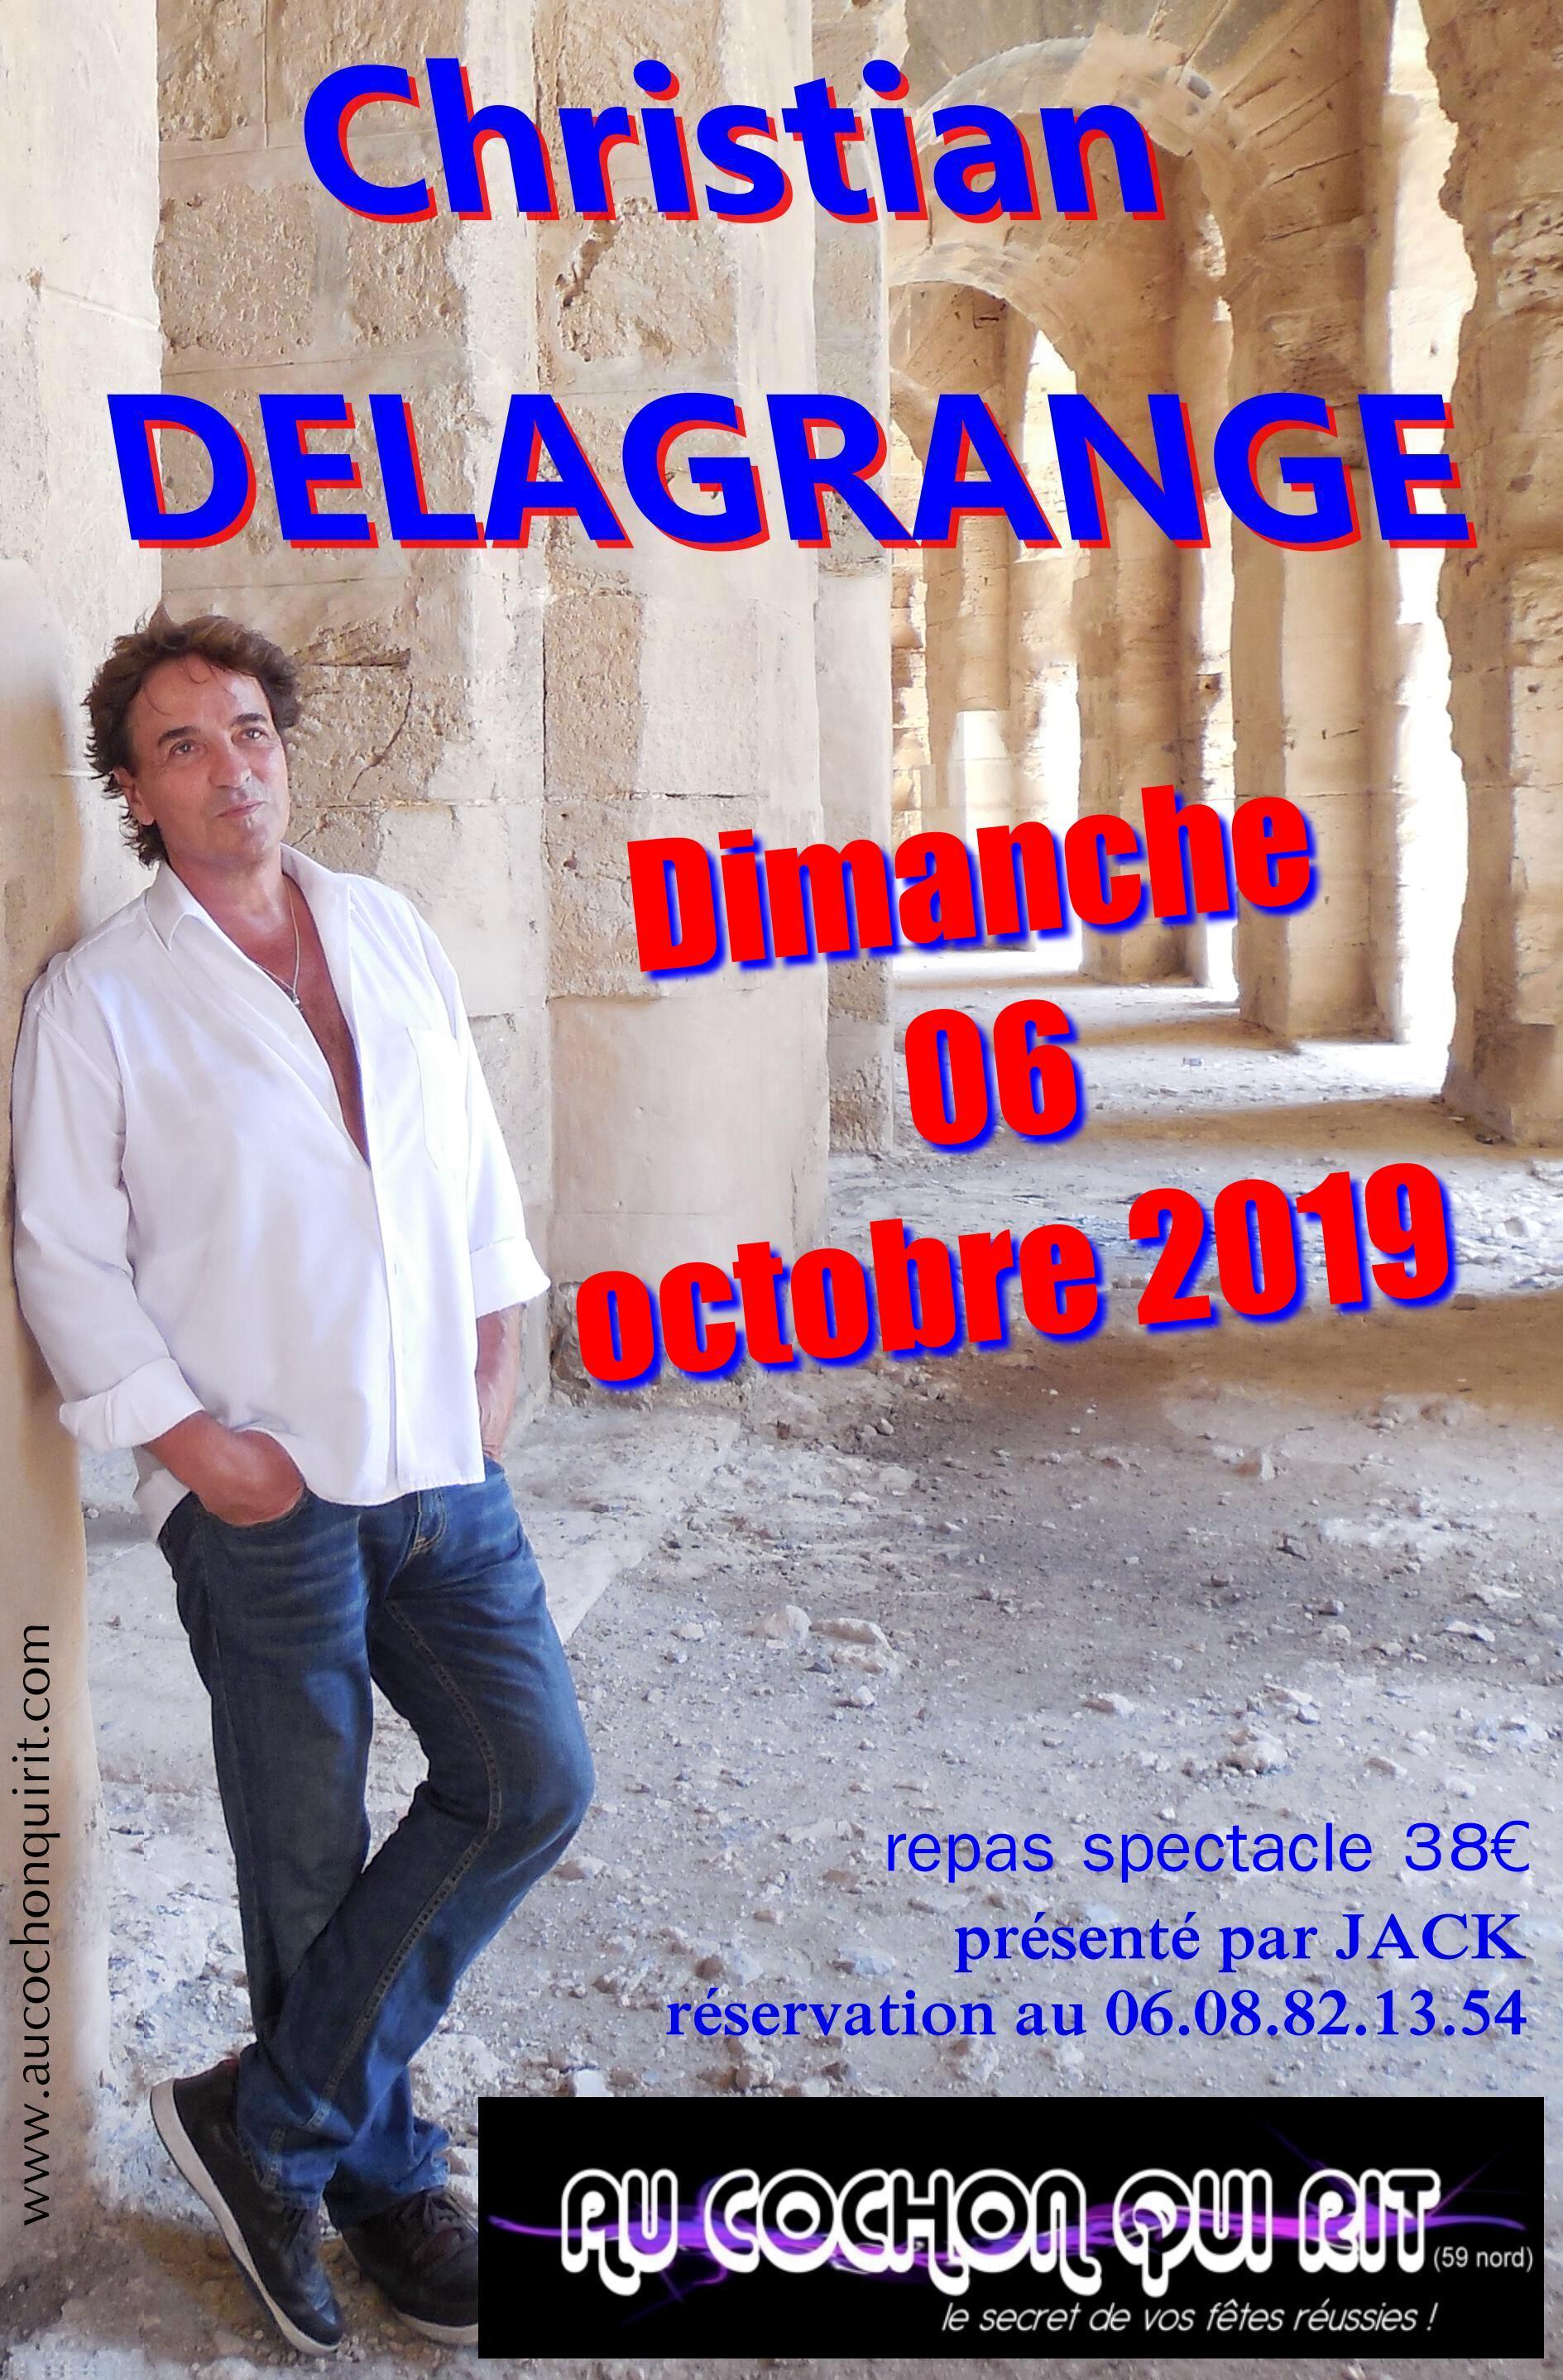 CHRISTIAN DELAGRANGE Dimanche 06 octobre 2019 (cliquez ici pour plus d'info)